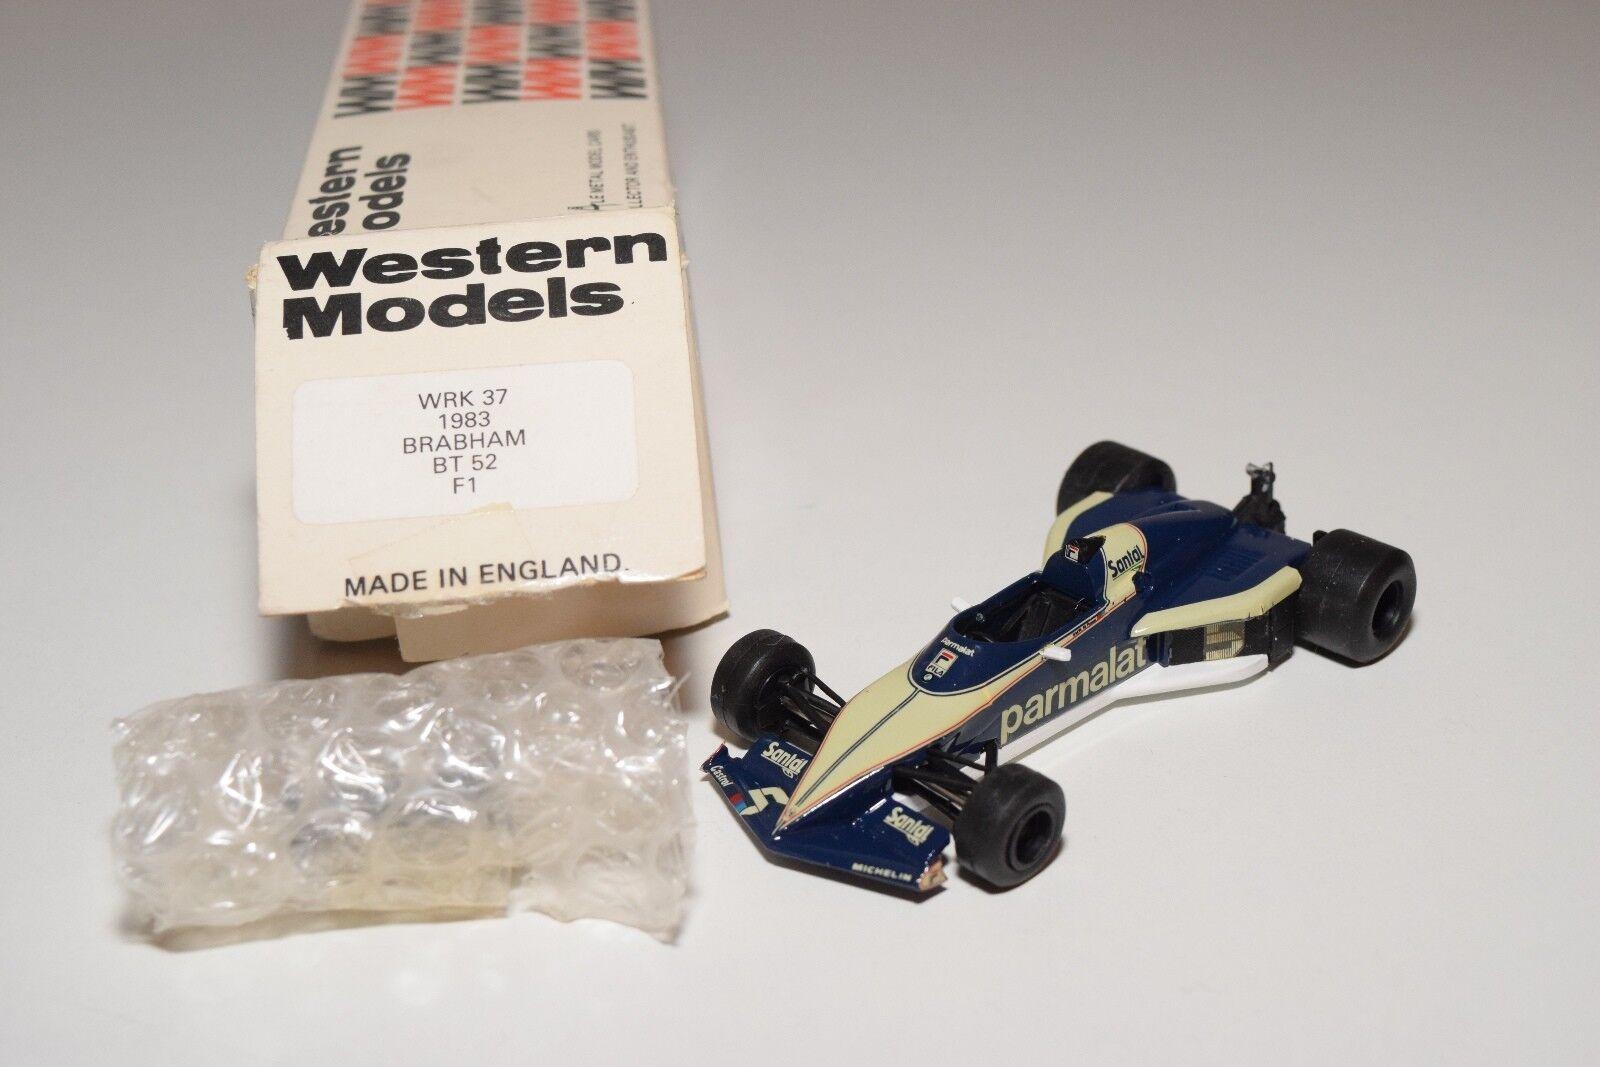 barato y de moda I WESTERN MODELS WM WRK37 1983 1983 1983 BRABHAM BT 52 F1 RACING Coche DARK azul MINT BOXED  muy popular